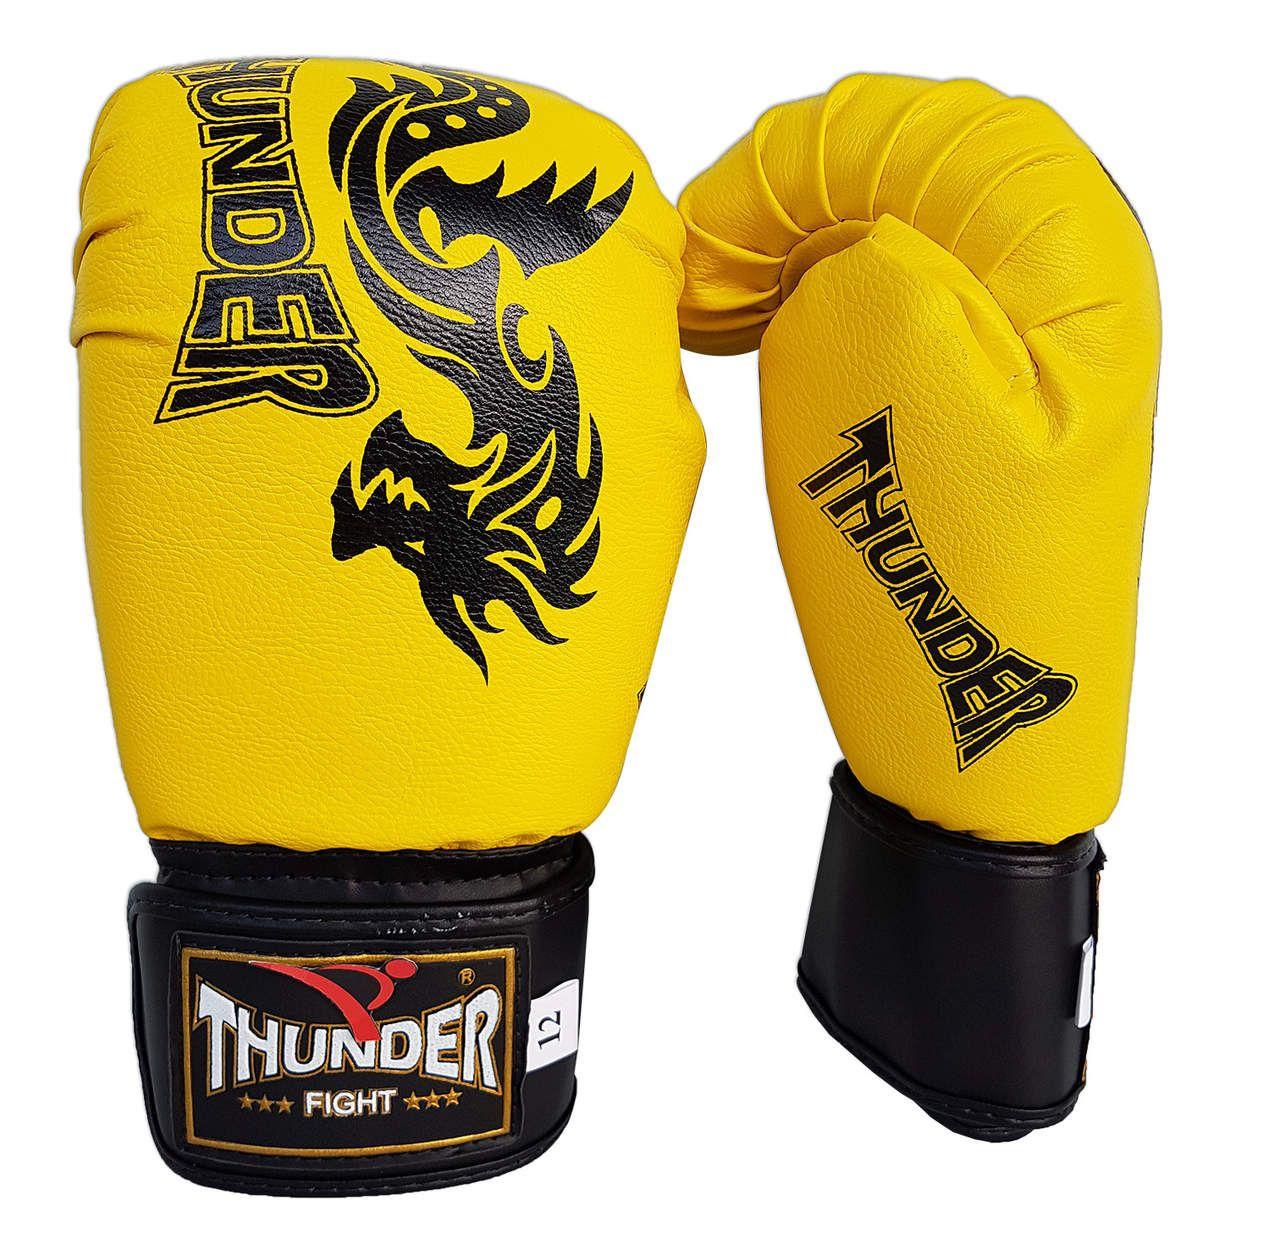 Kit de Boxe / Muay Thai 12oz - Dragão Amarelo - Thunder Fight   - PRALUTA SHOP